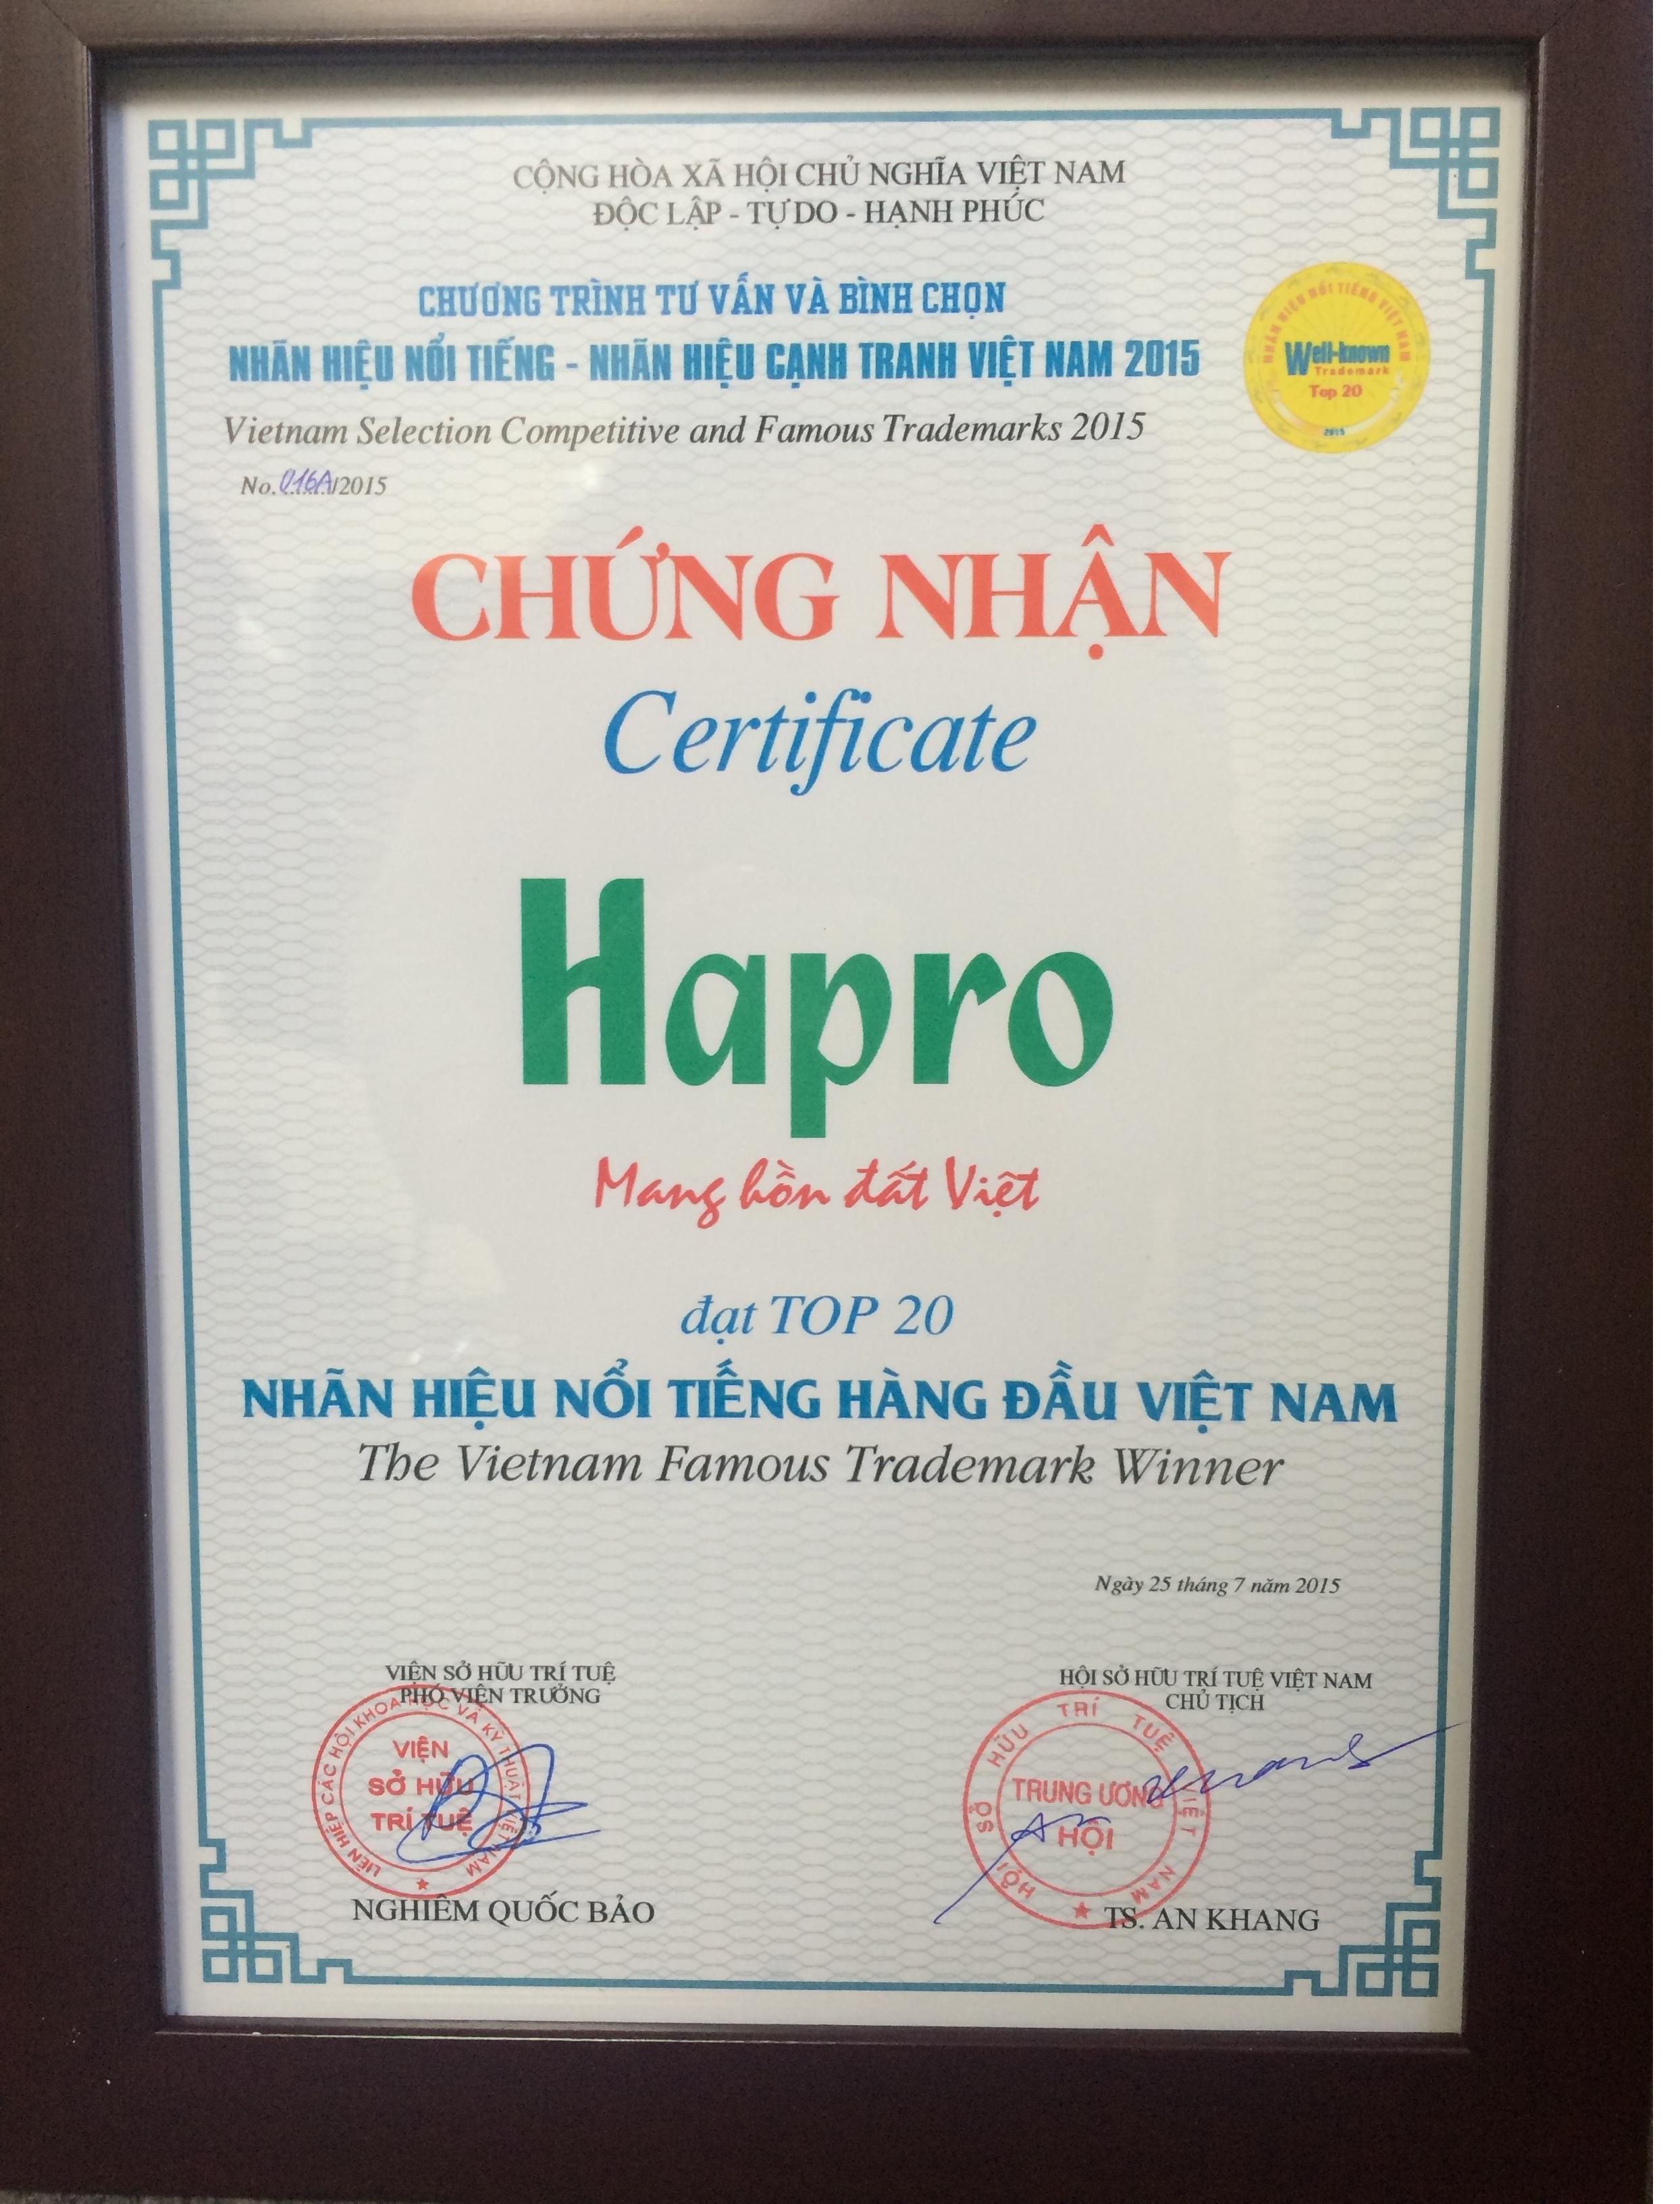 """Nhãn hiệu Hapro lần thứ 3 nhận Chứng nhận """"Nhãn hiệu Nổi tiếng Việt Nam"""""""